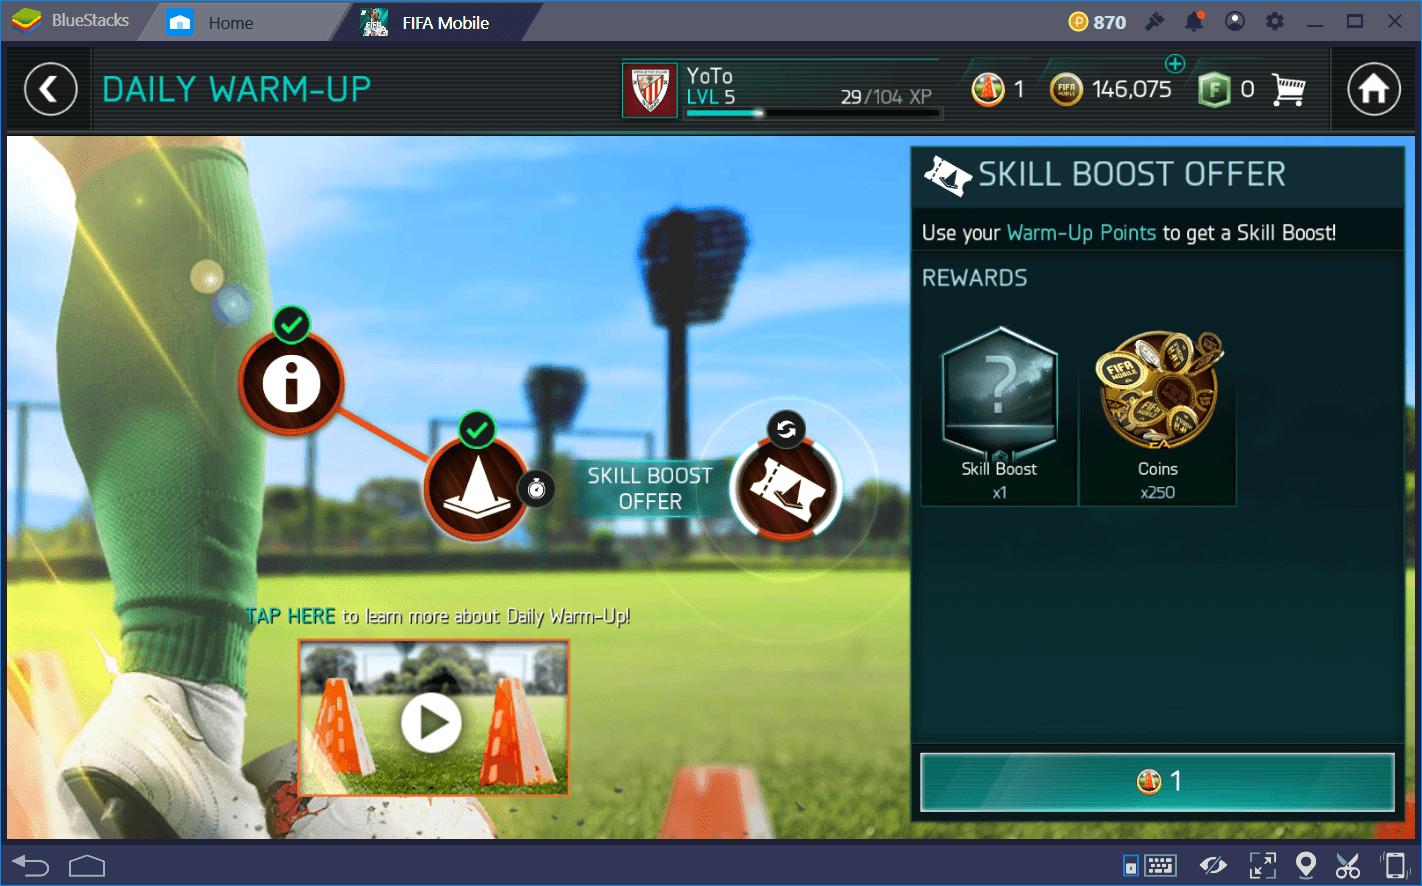 FIFA Fußball (FIFA Mobile) Events Guide